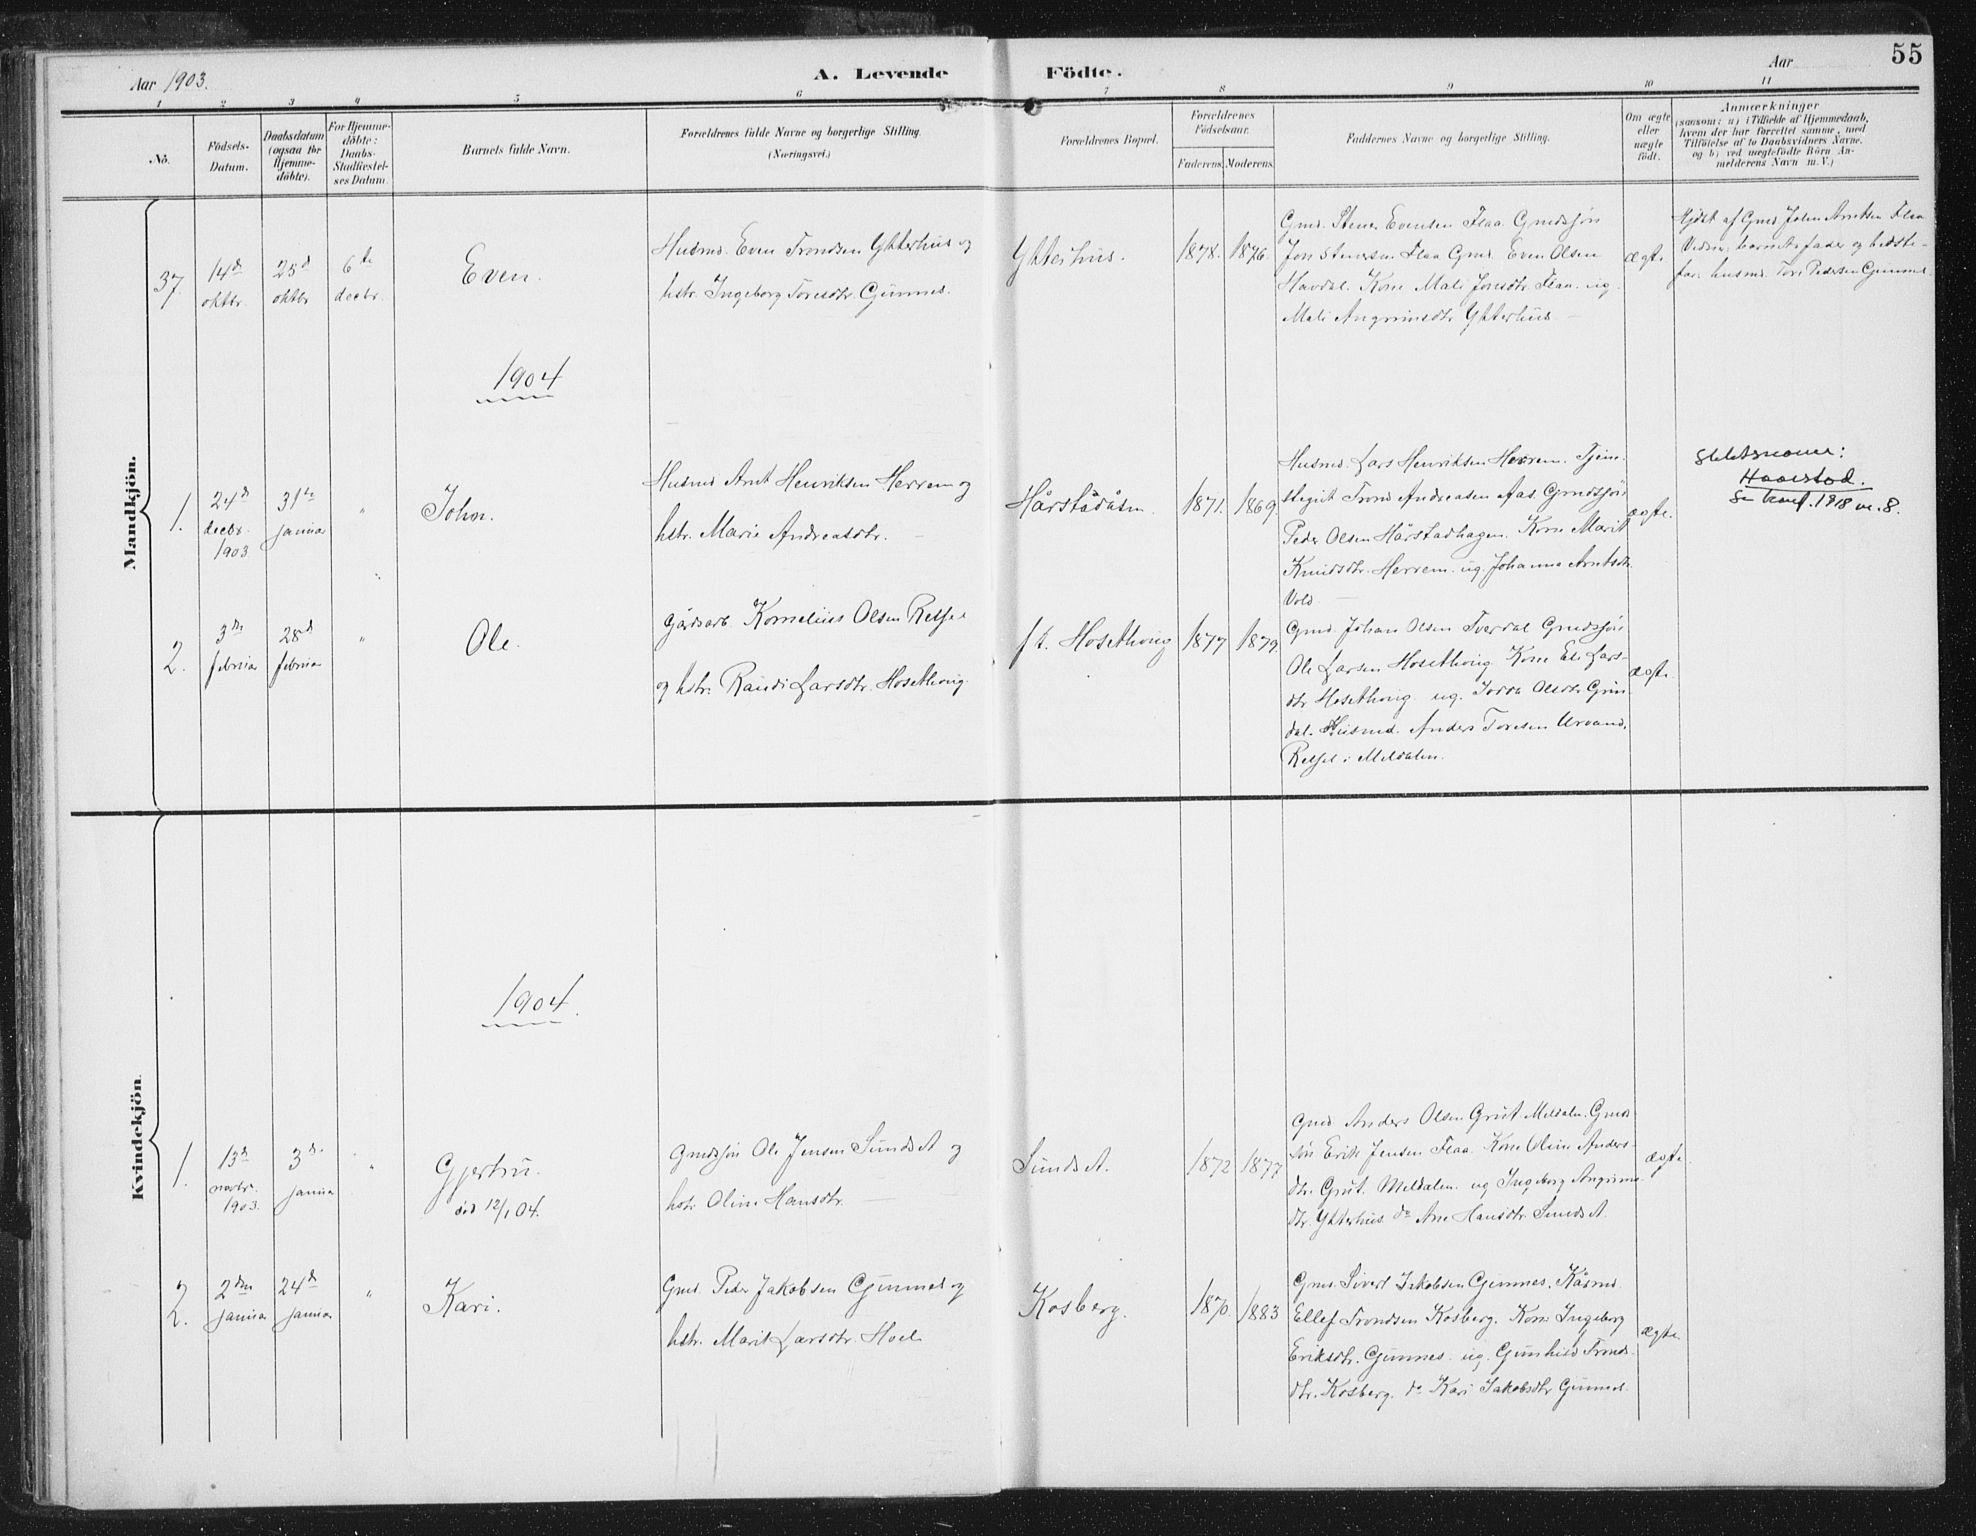 SAT, Ministerialprotokoller, klokkerbøker og fødselsregistre - Sør-Trøndelag, 674/L0872: Ministerialbok nr. 674A04, 1897-1907, s. 55